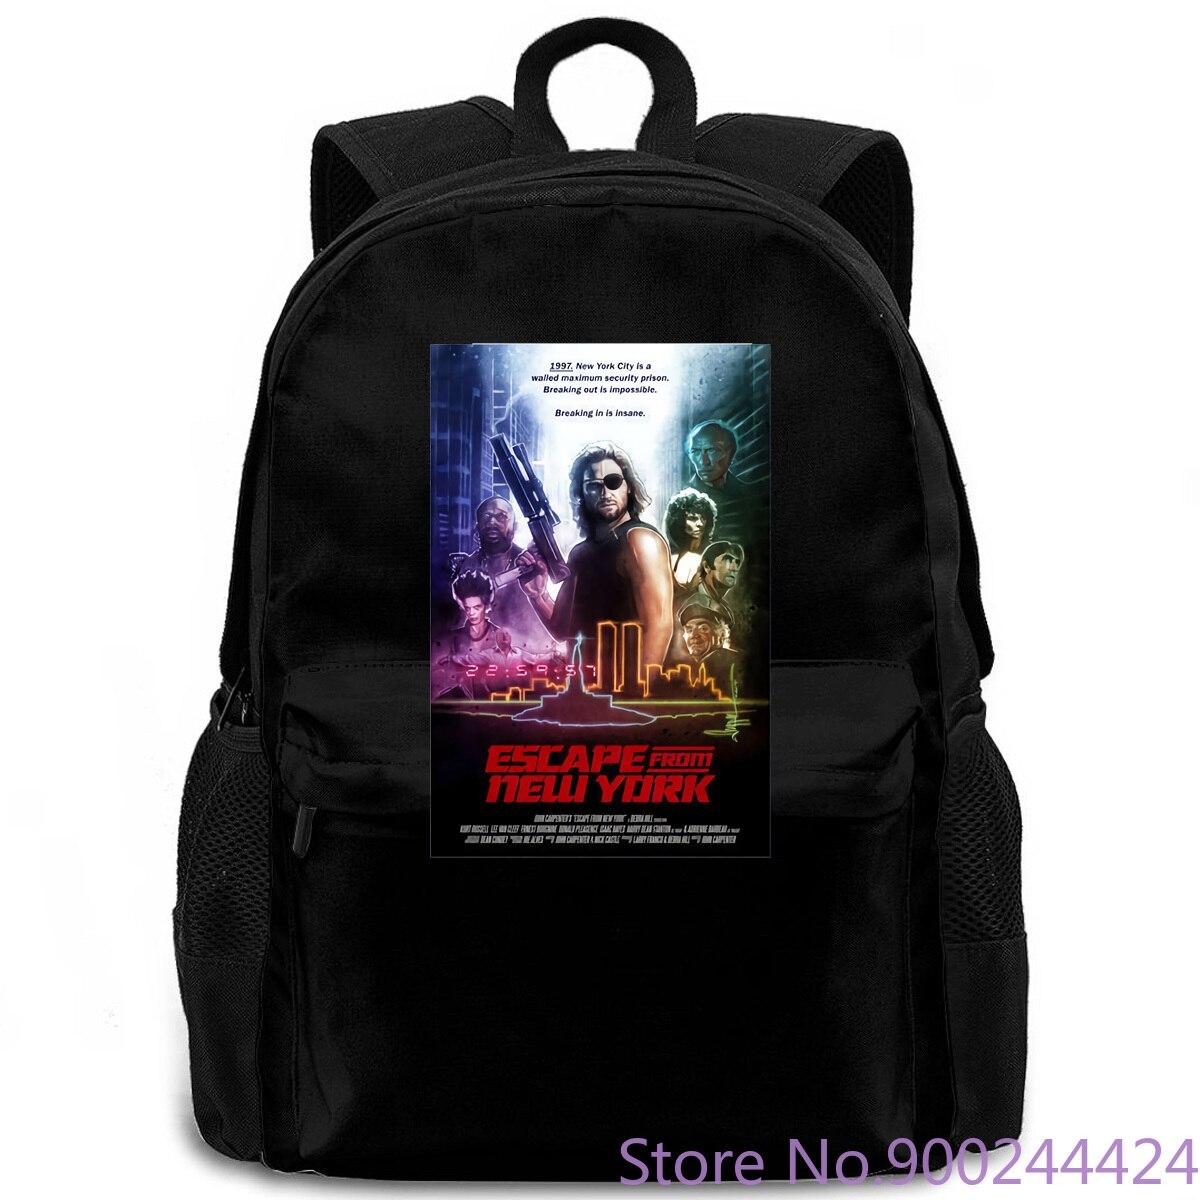 Escape de la película blanca de Nueva York, póster all s, mochila para hombre y mujer, mochila para ordenador portátil, viaje, escuela, estudiante adulto